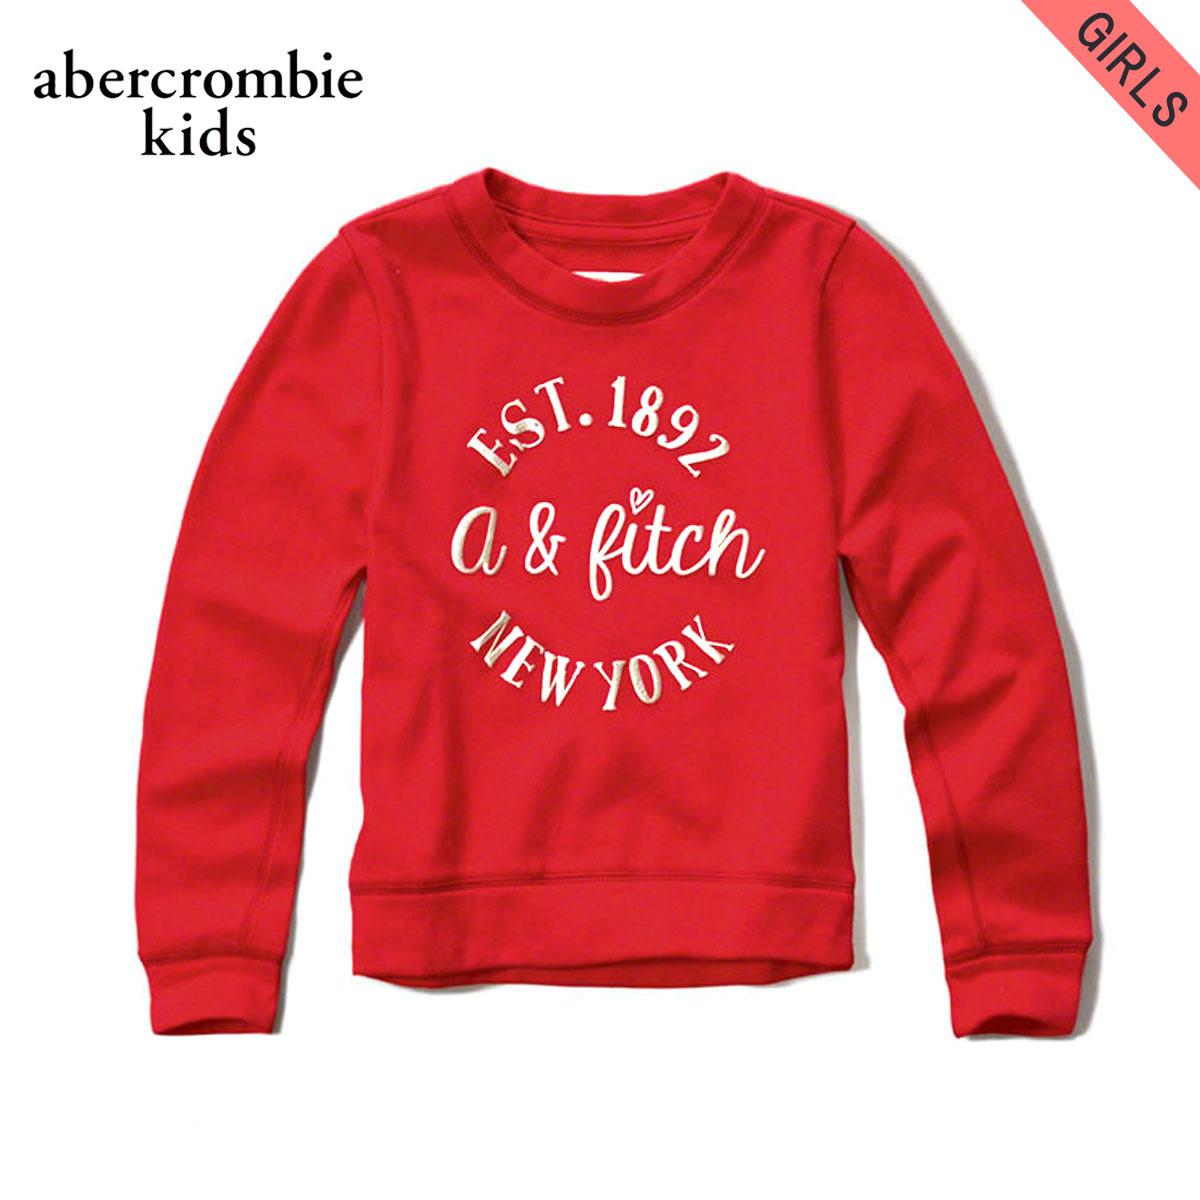 アバクロキッズ スウェット ガールズ 子供服 正規品 AbercrombieKids フリース shine logo graphic sweatshirt 252-767-0241-050